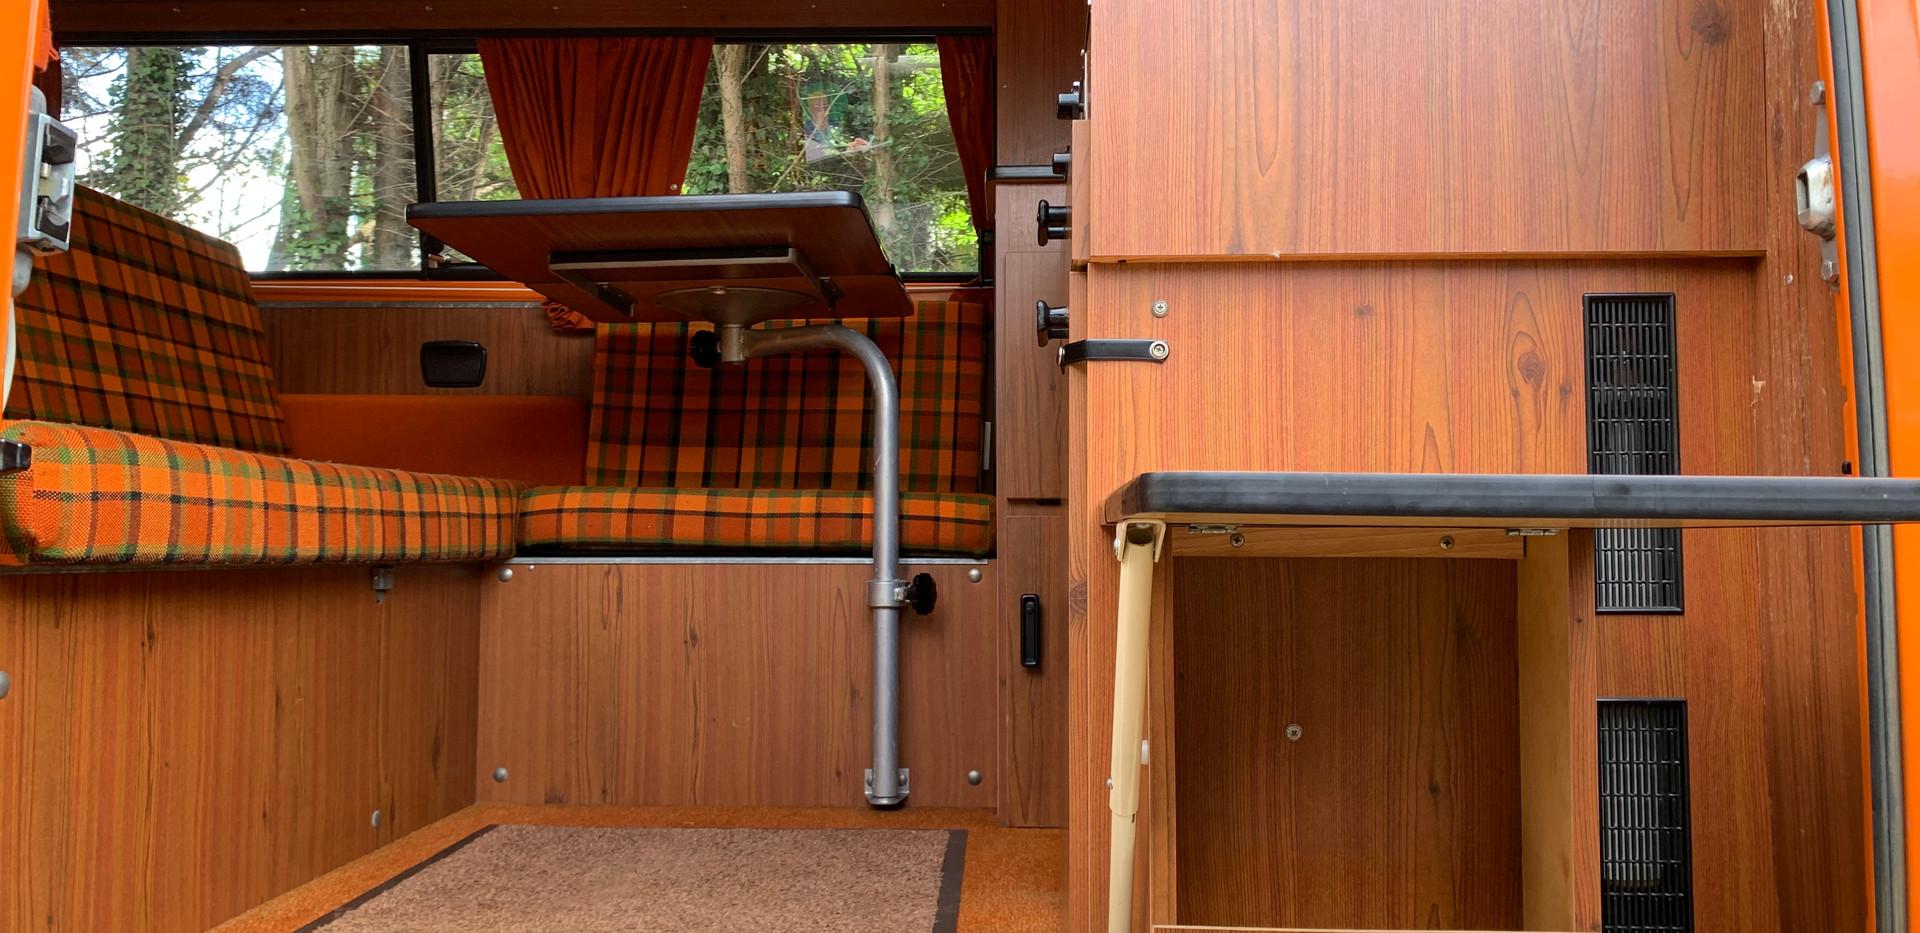 Deluxe campervan interior.jpg